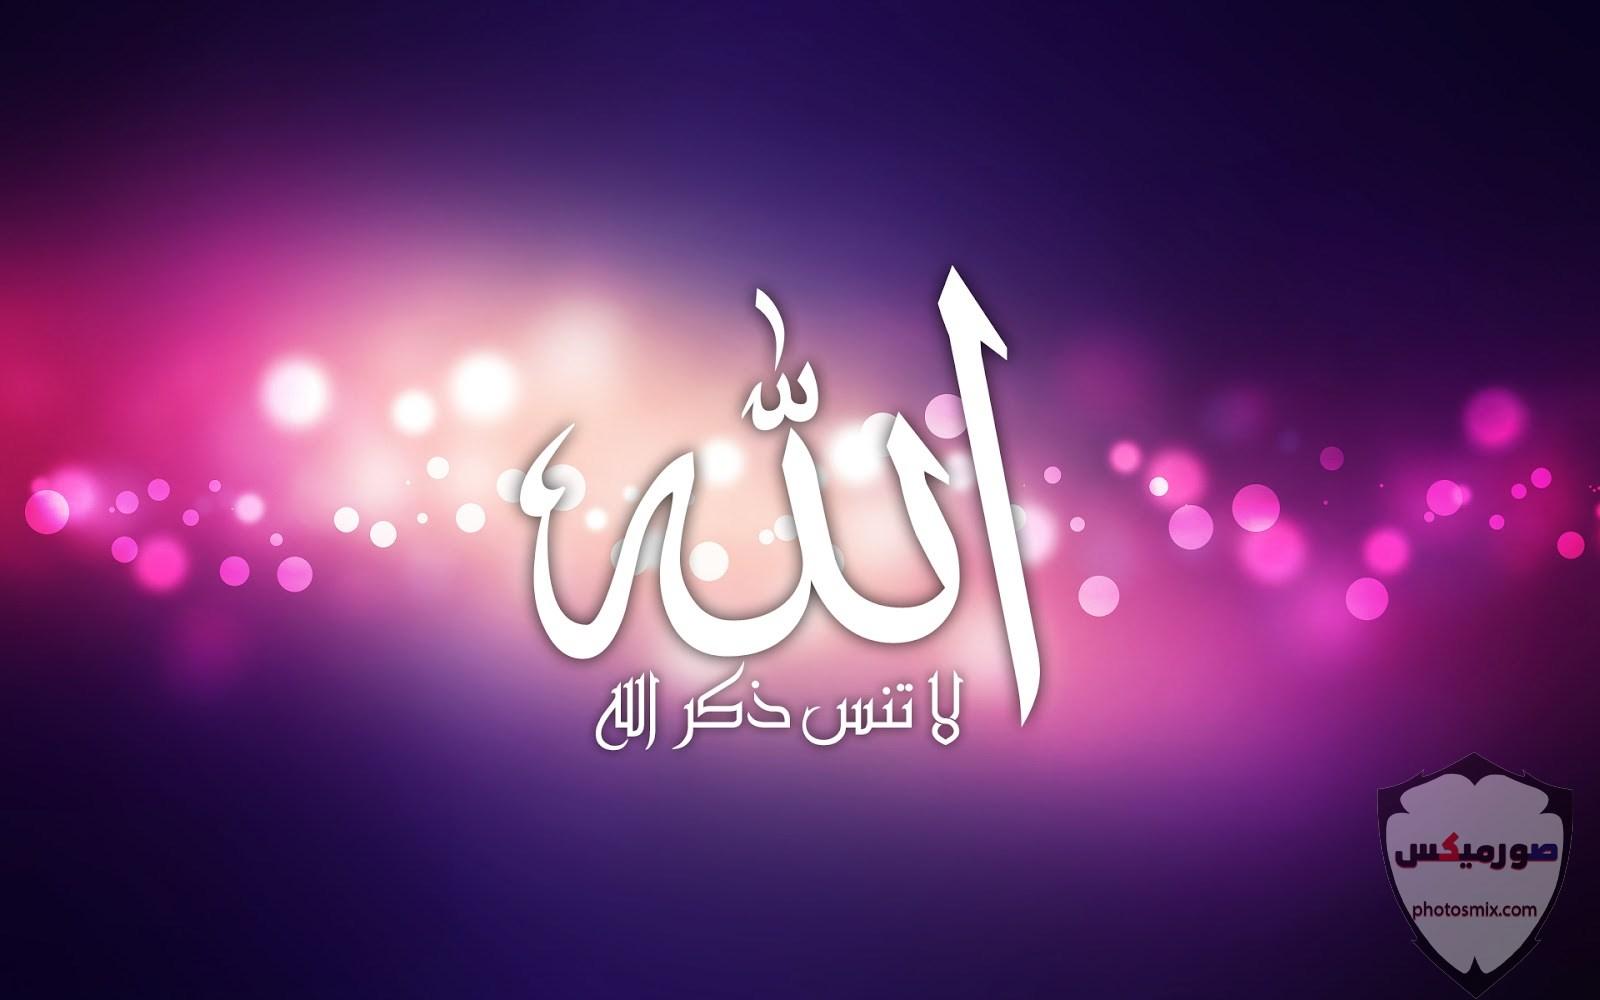 خلفيات دينية جميلة اجمل الصور والخلفيات الاسلامية 2020 تحميل صور دينية للموبايل 29